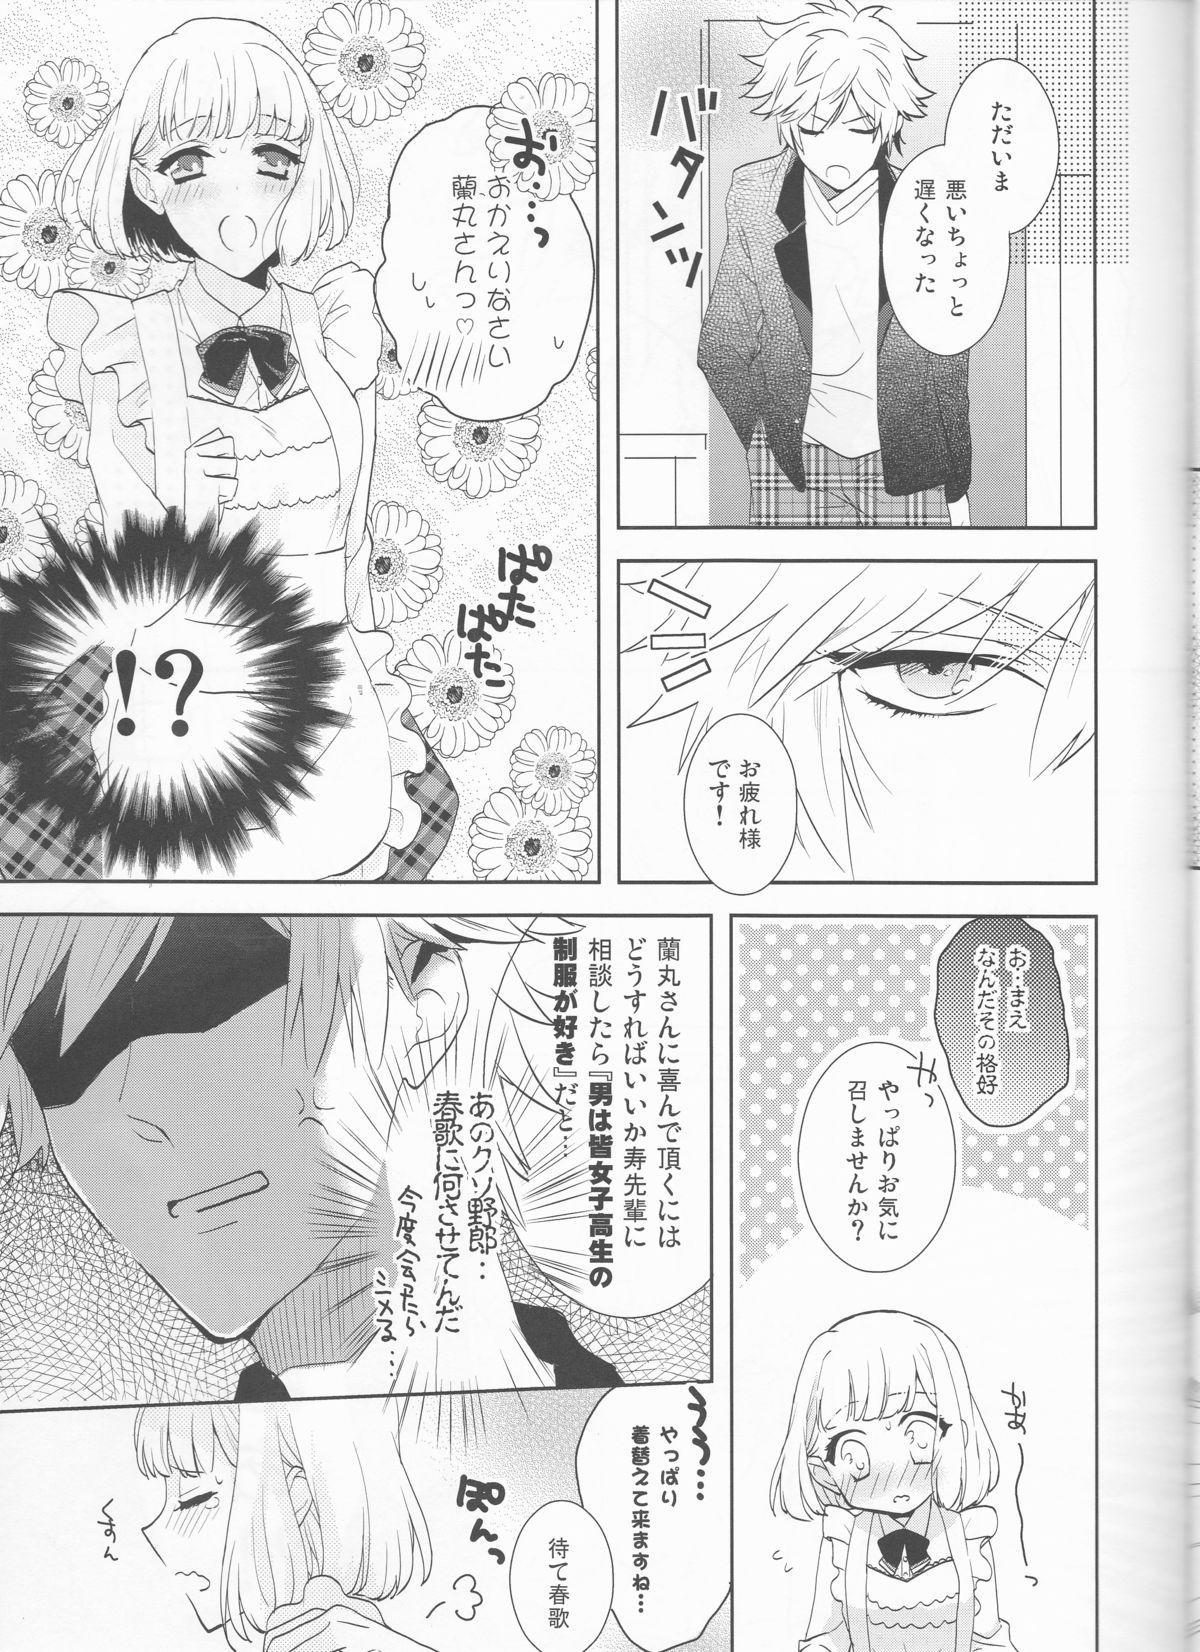 Otona no Hajimari 7